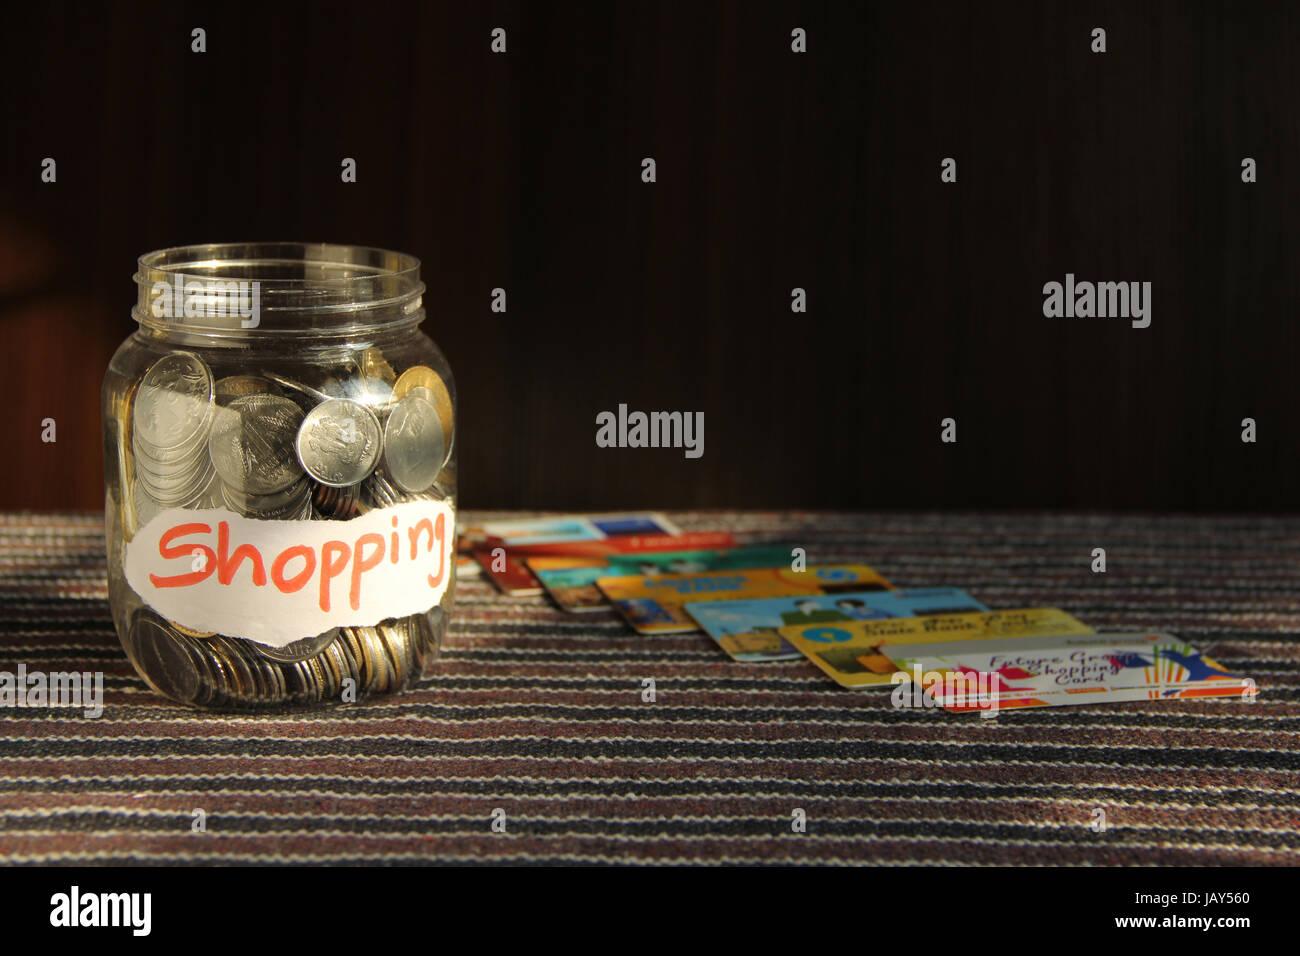 Münzen in Geld Glas mit Shopping label und Kreditkarten, Finanzen Konzept Stockbild